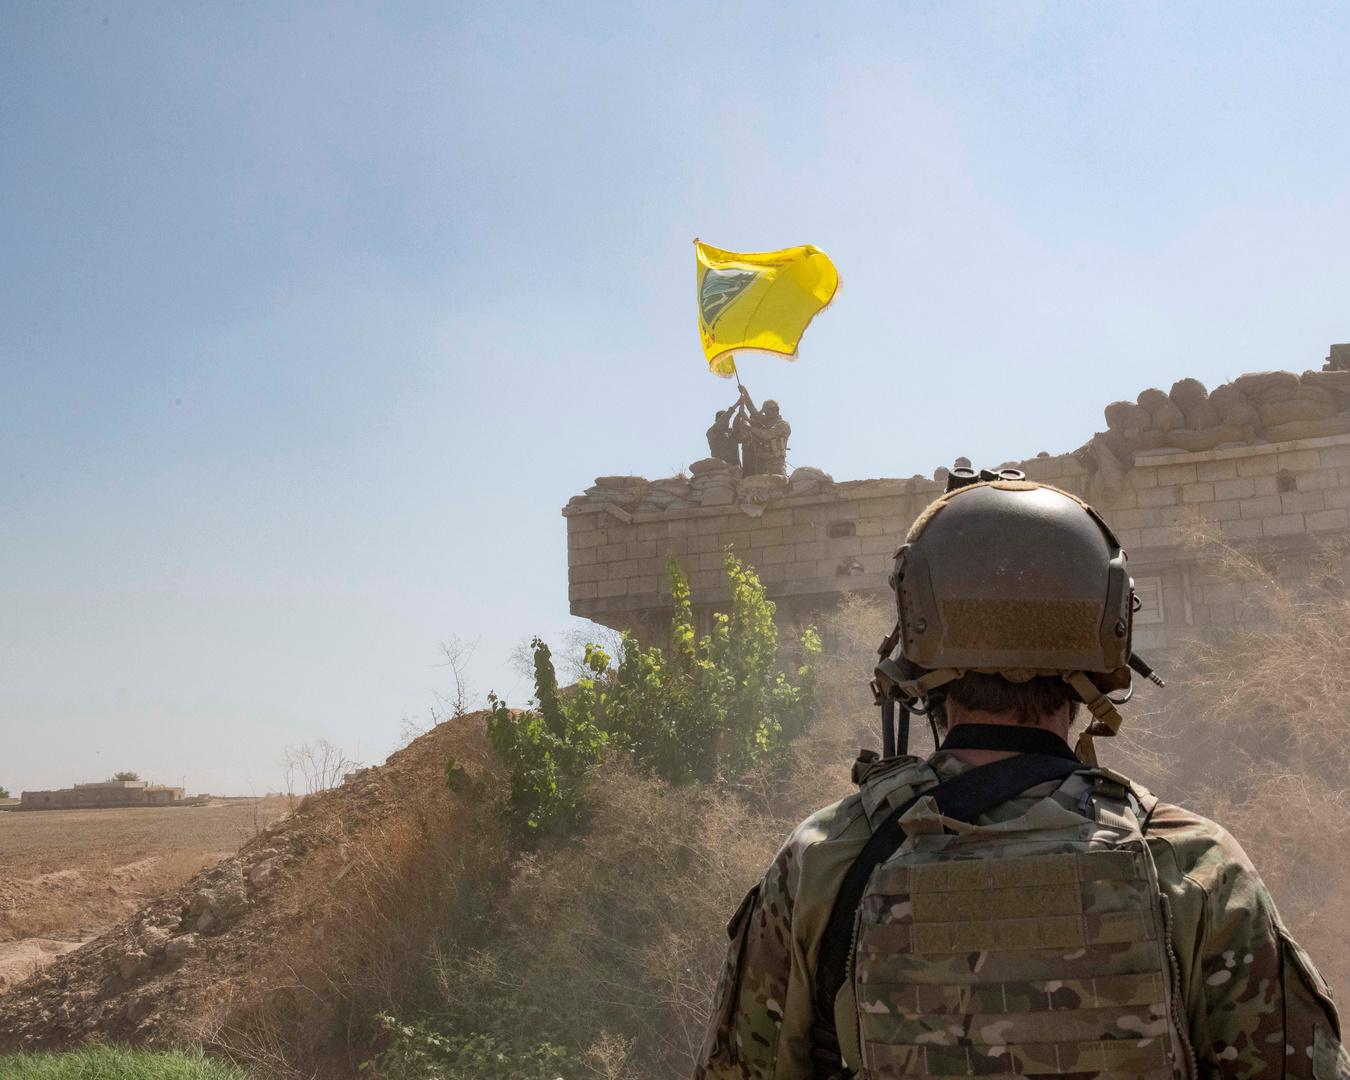 سوريا.. أنباء عن تنفيذ التحالف الدولي إنزالا في الحسكة بهدف القضاء على